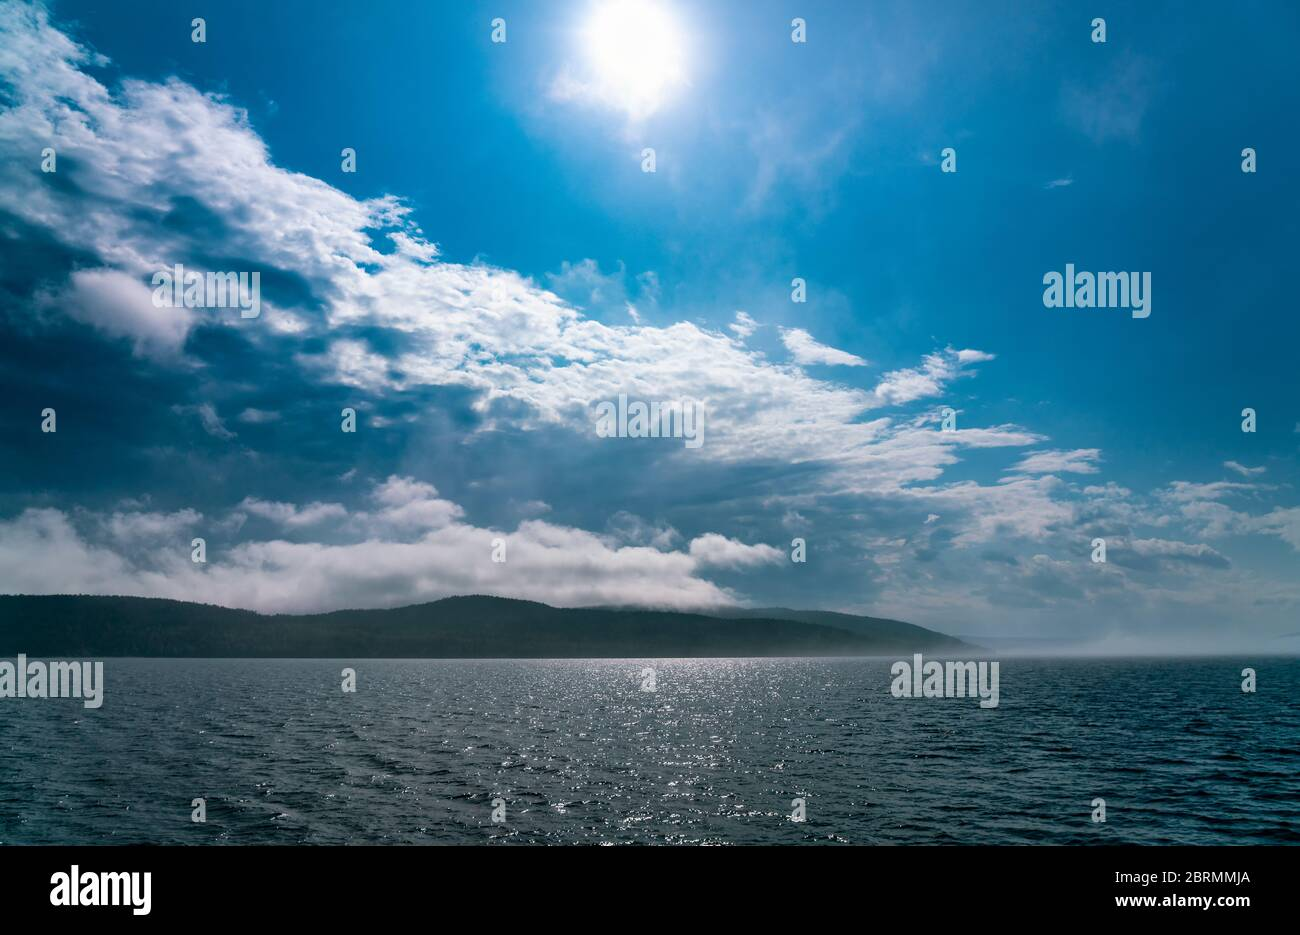 La niebla marina que se depositan sobre el mar desaparece bajo el fuerte sol de la mañana, casi ningún viento, cielos azules Foto de stock